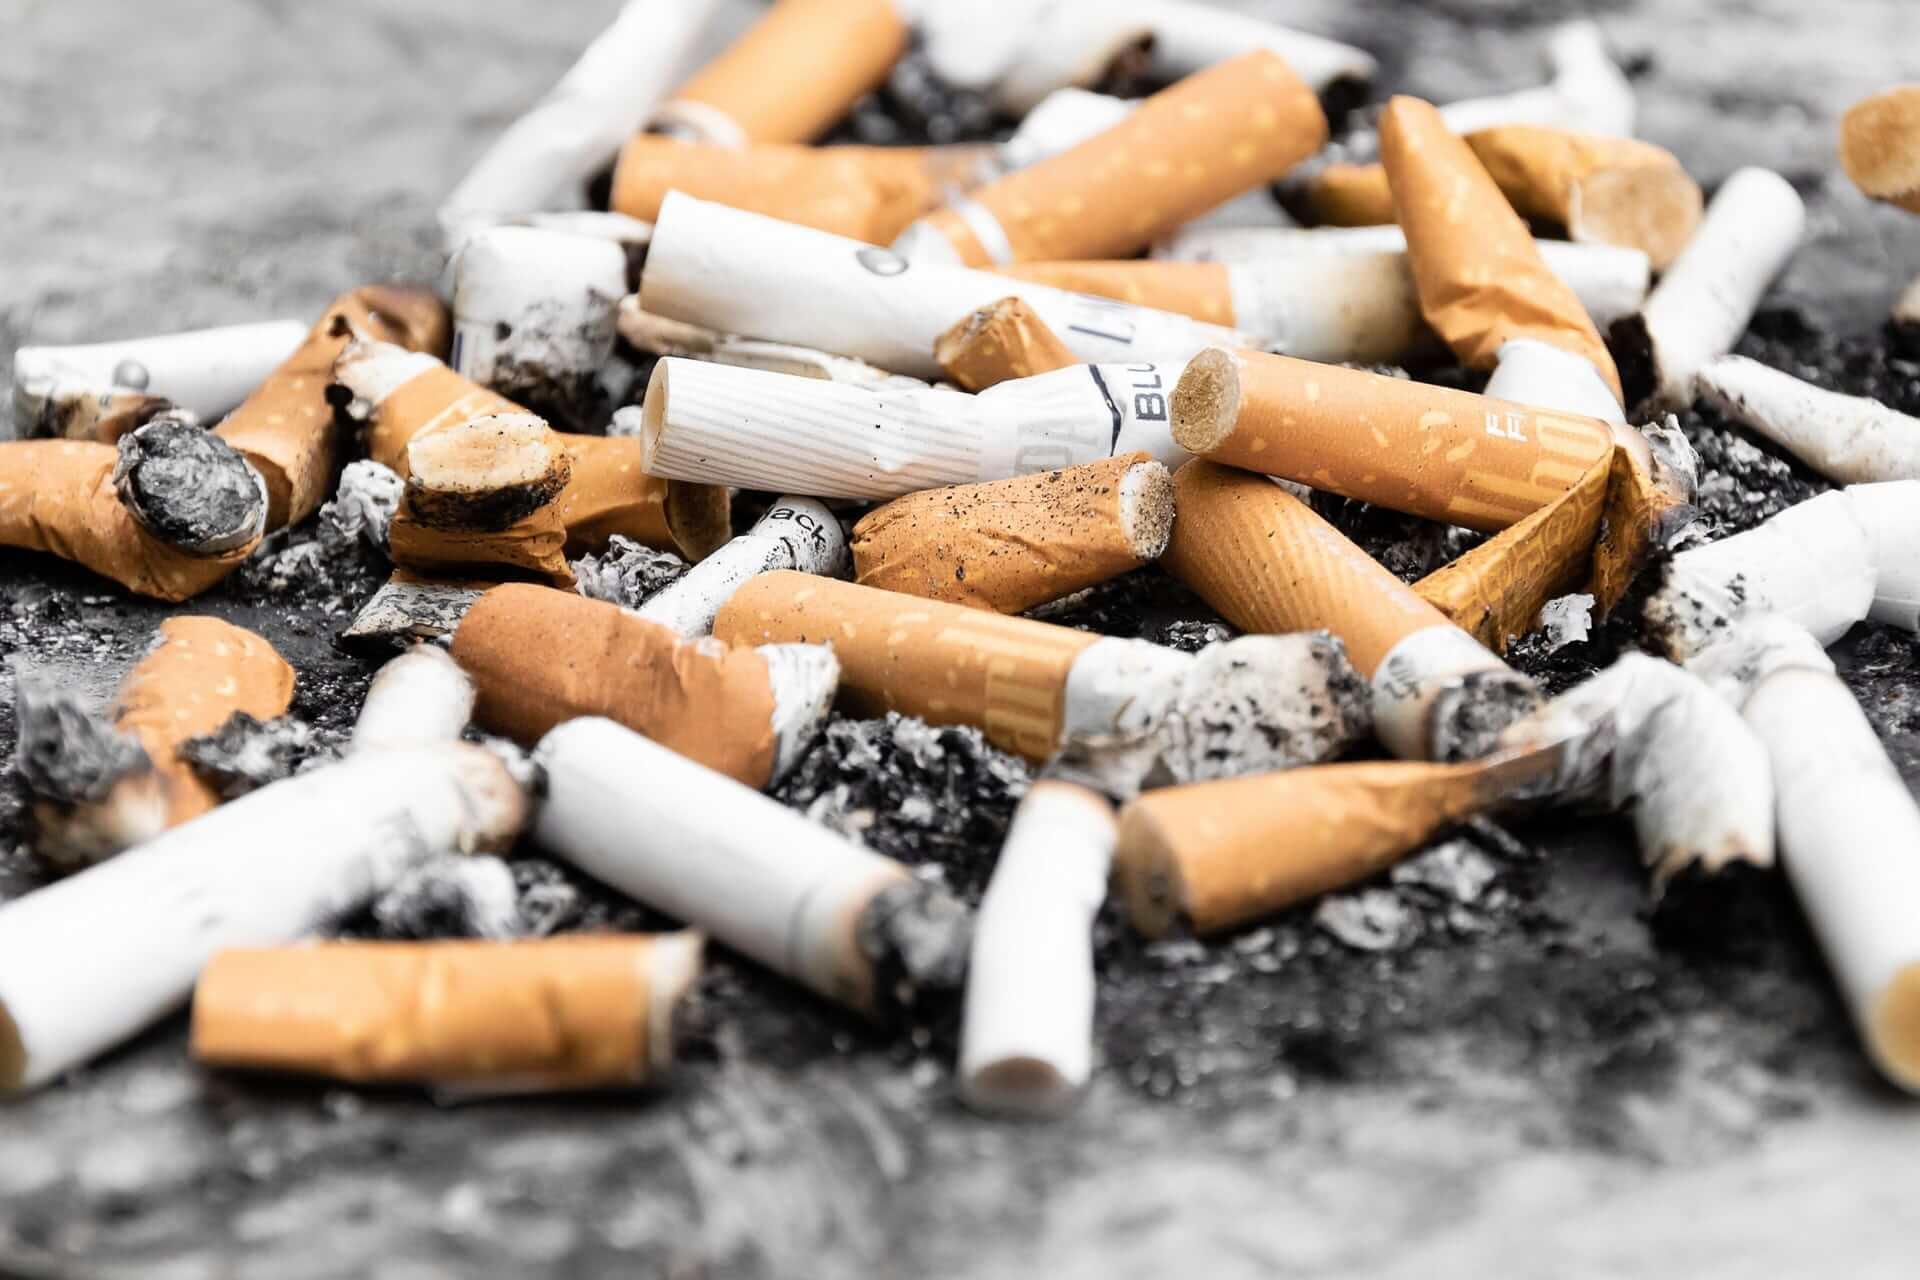 Ireland's World No Tobacco Day move makes plain sense